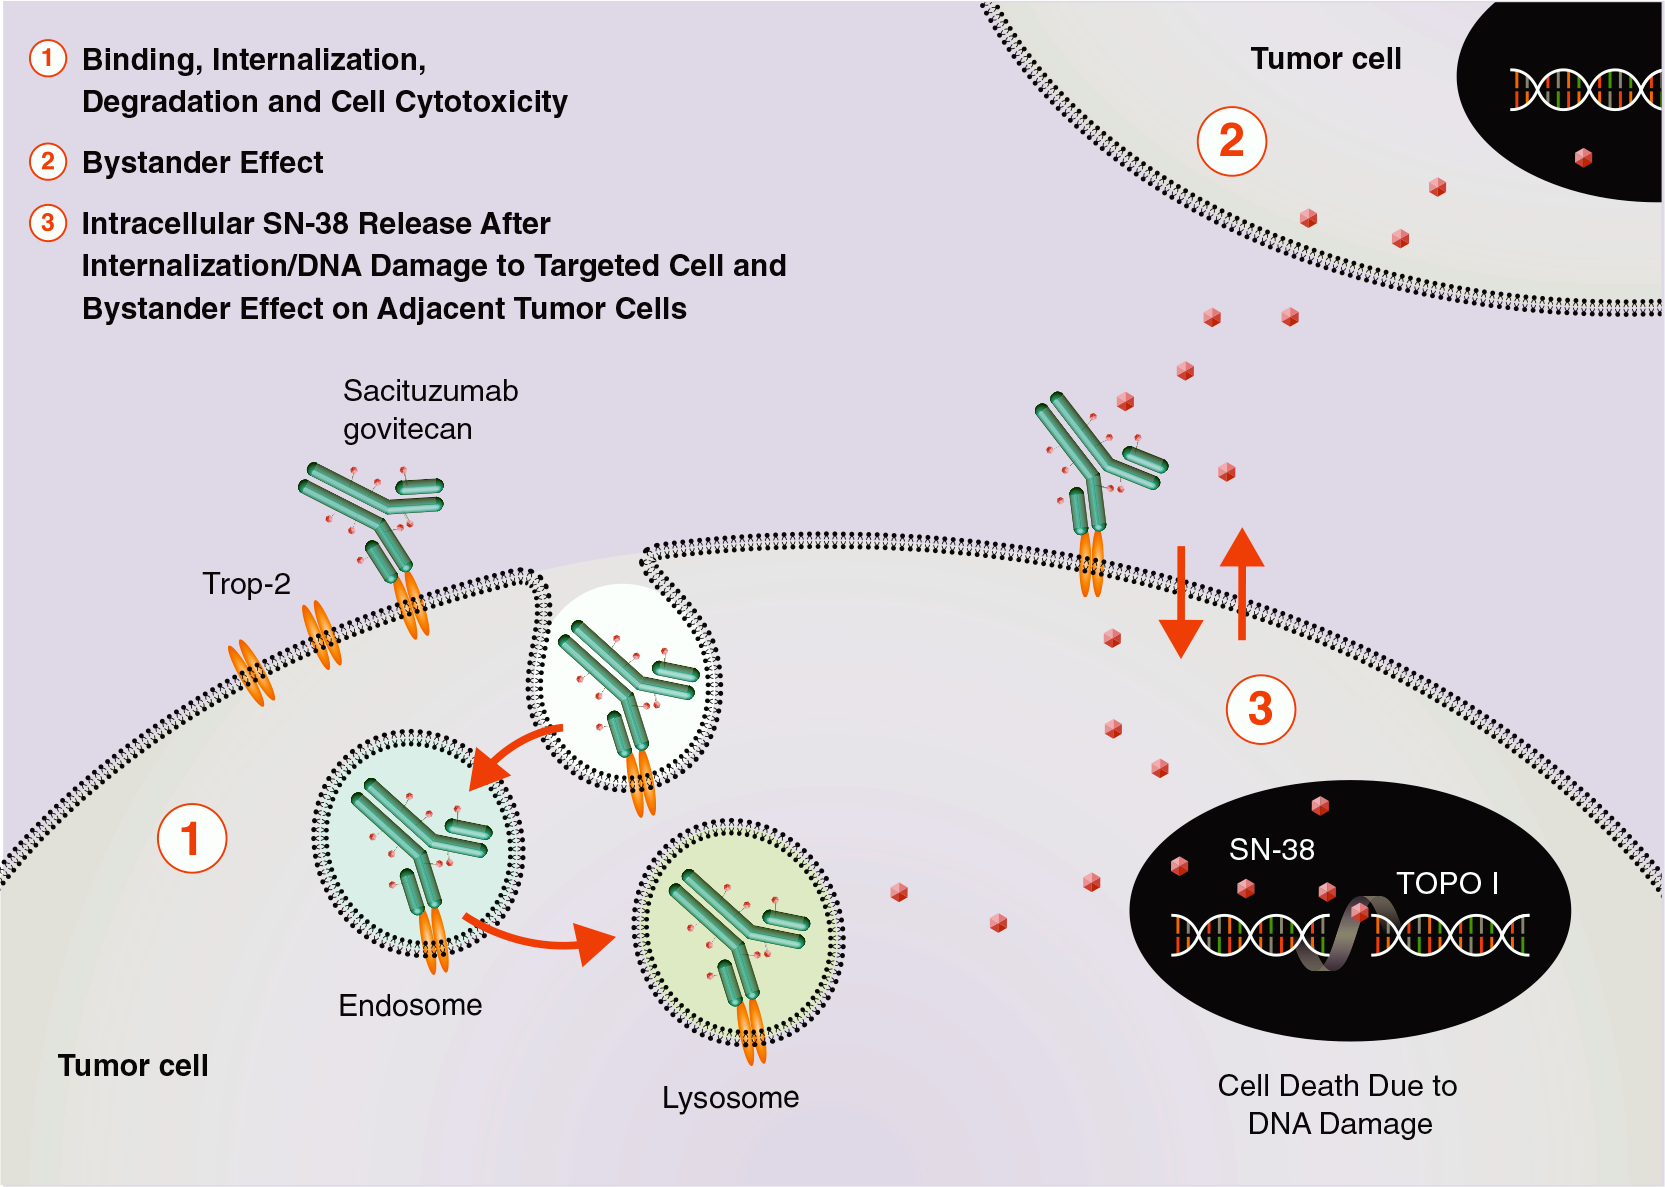 sacituzumab govitecan moa - «Троделви»: новое лекарство против трижды негативного рака молочной железы